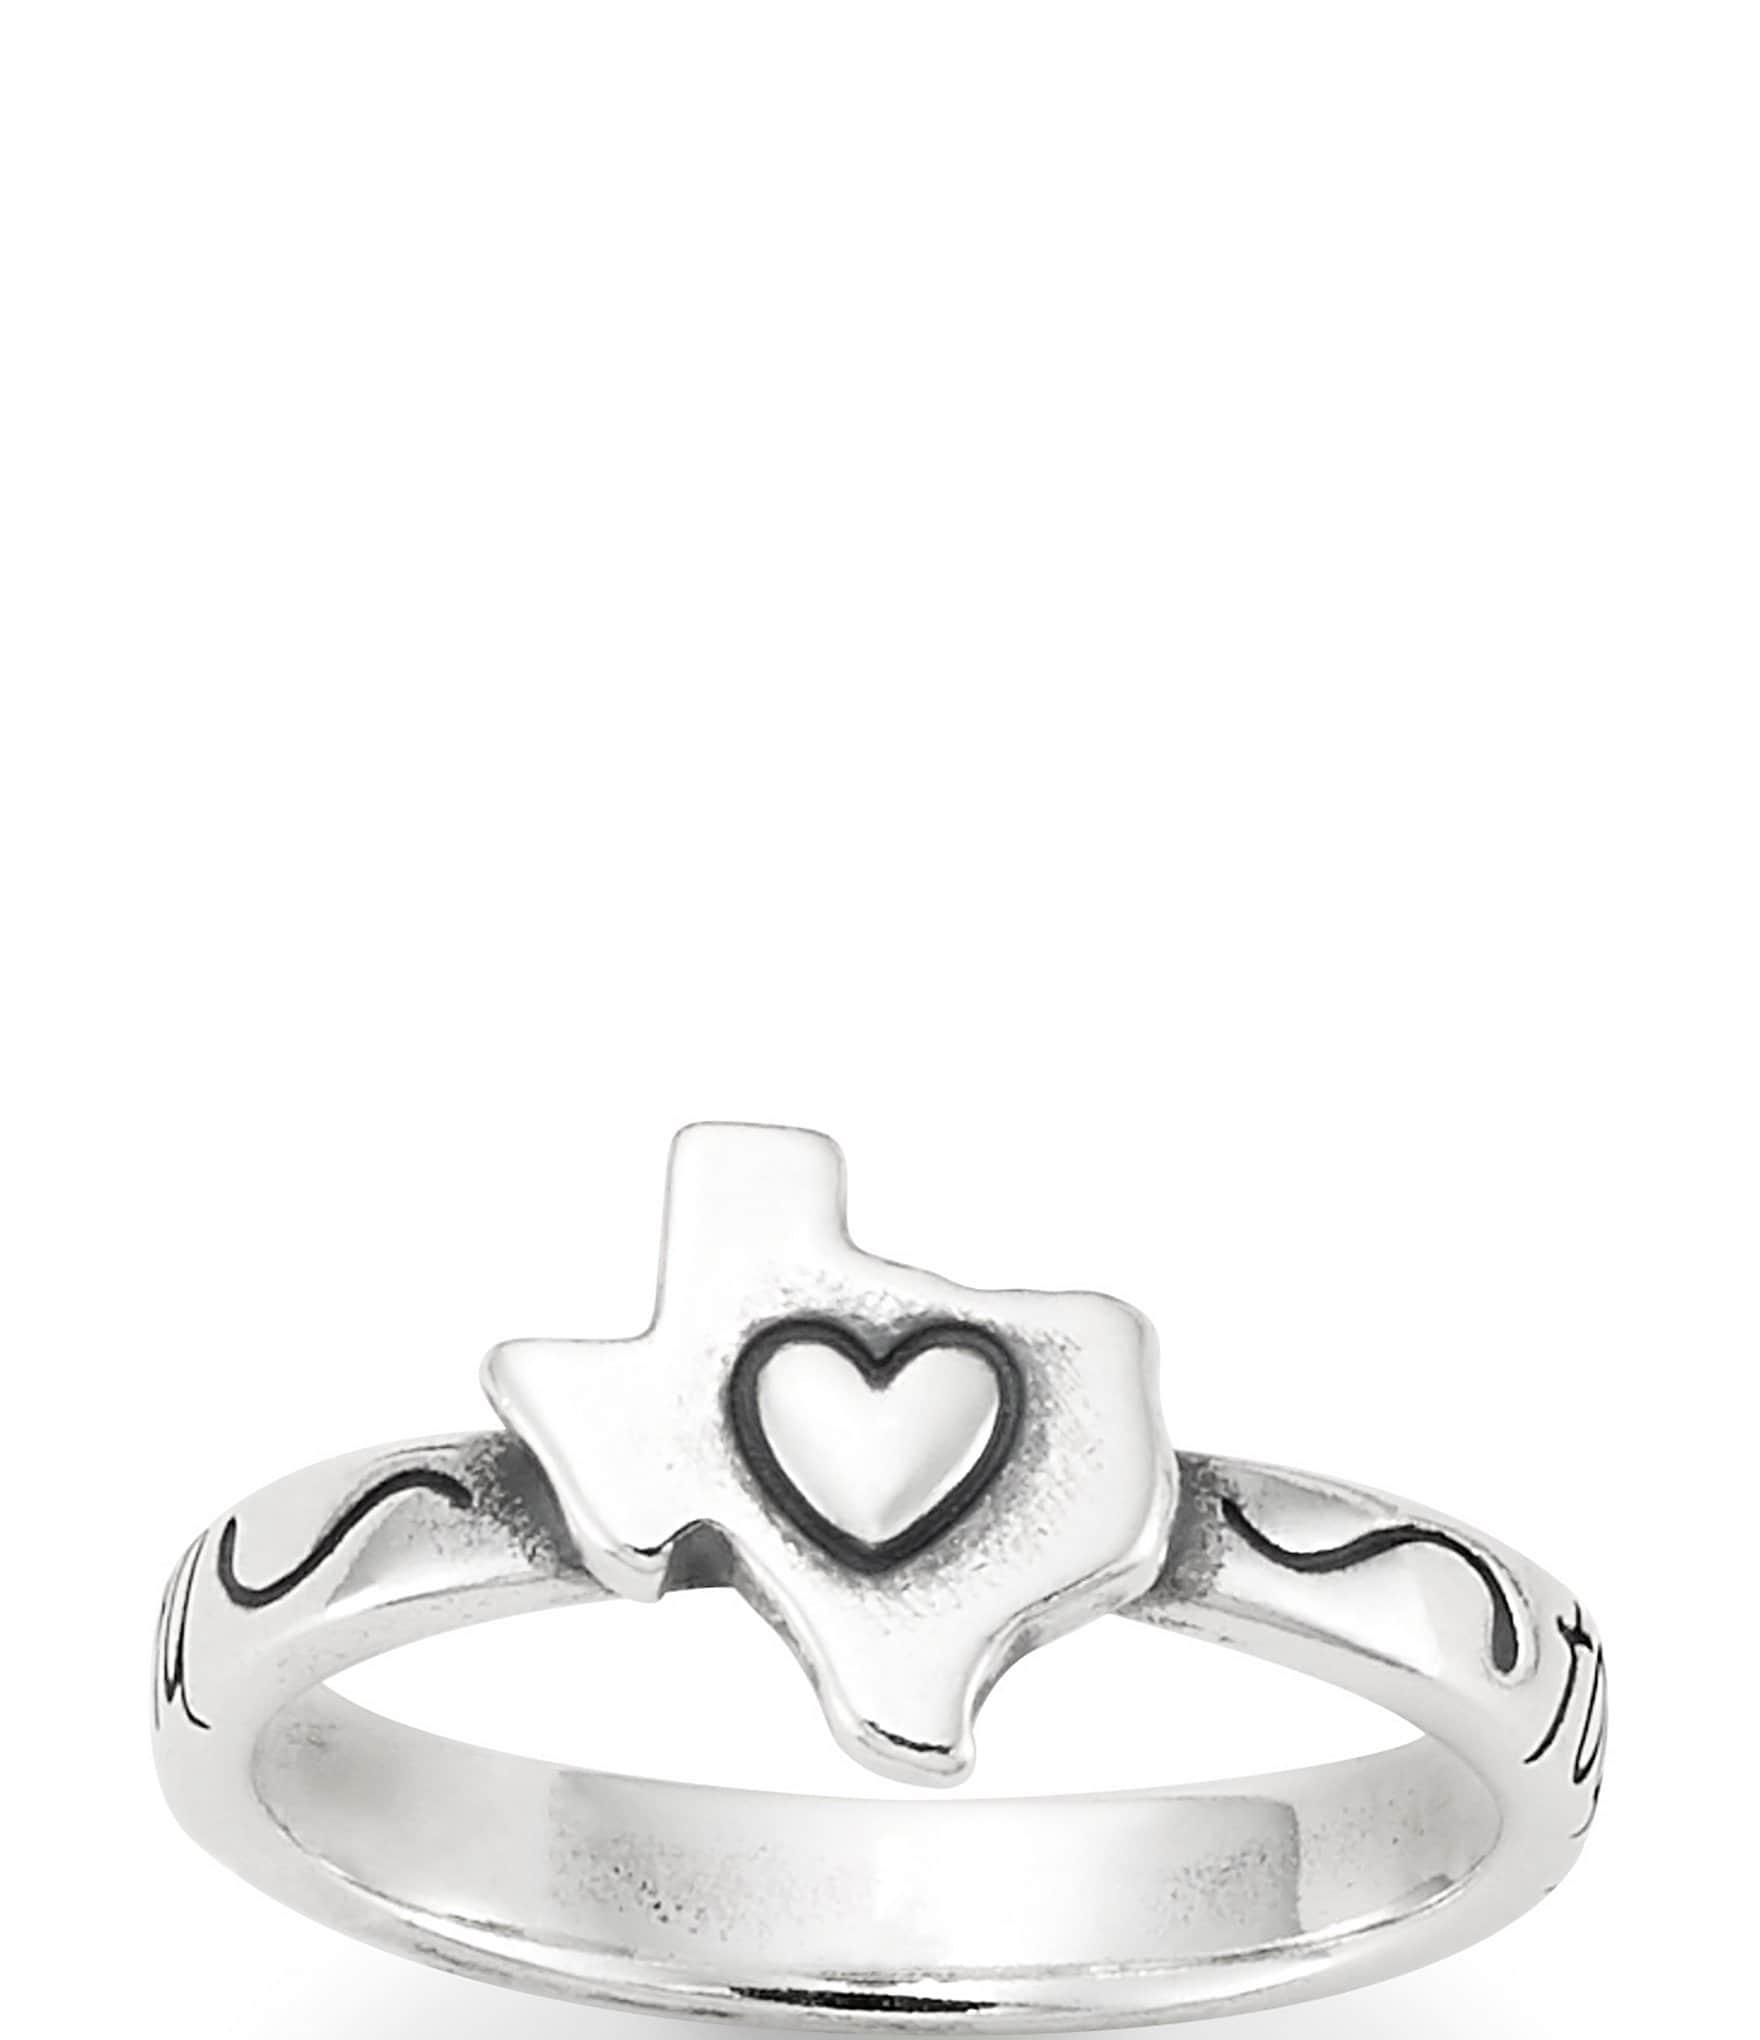 Sterling rings 8 in Shoe ring holder